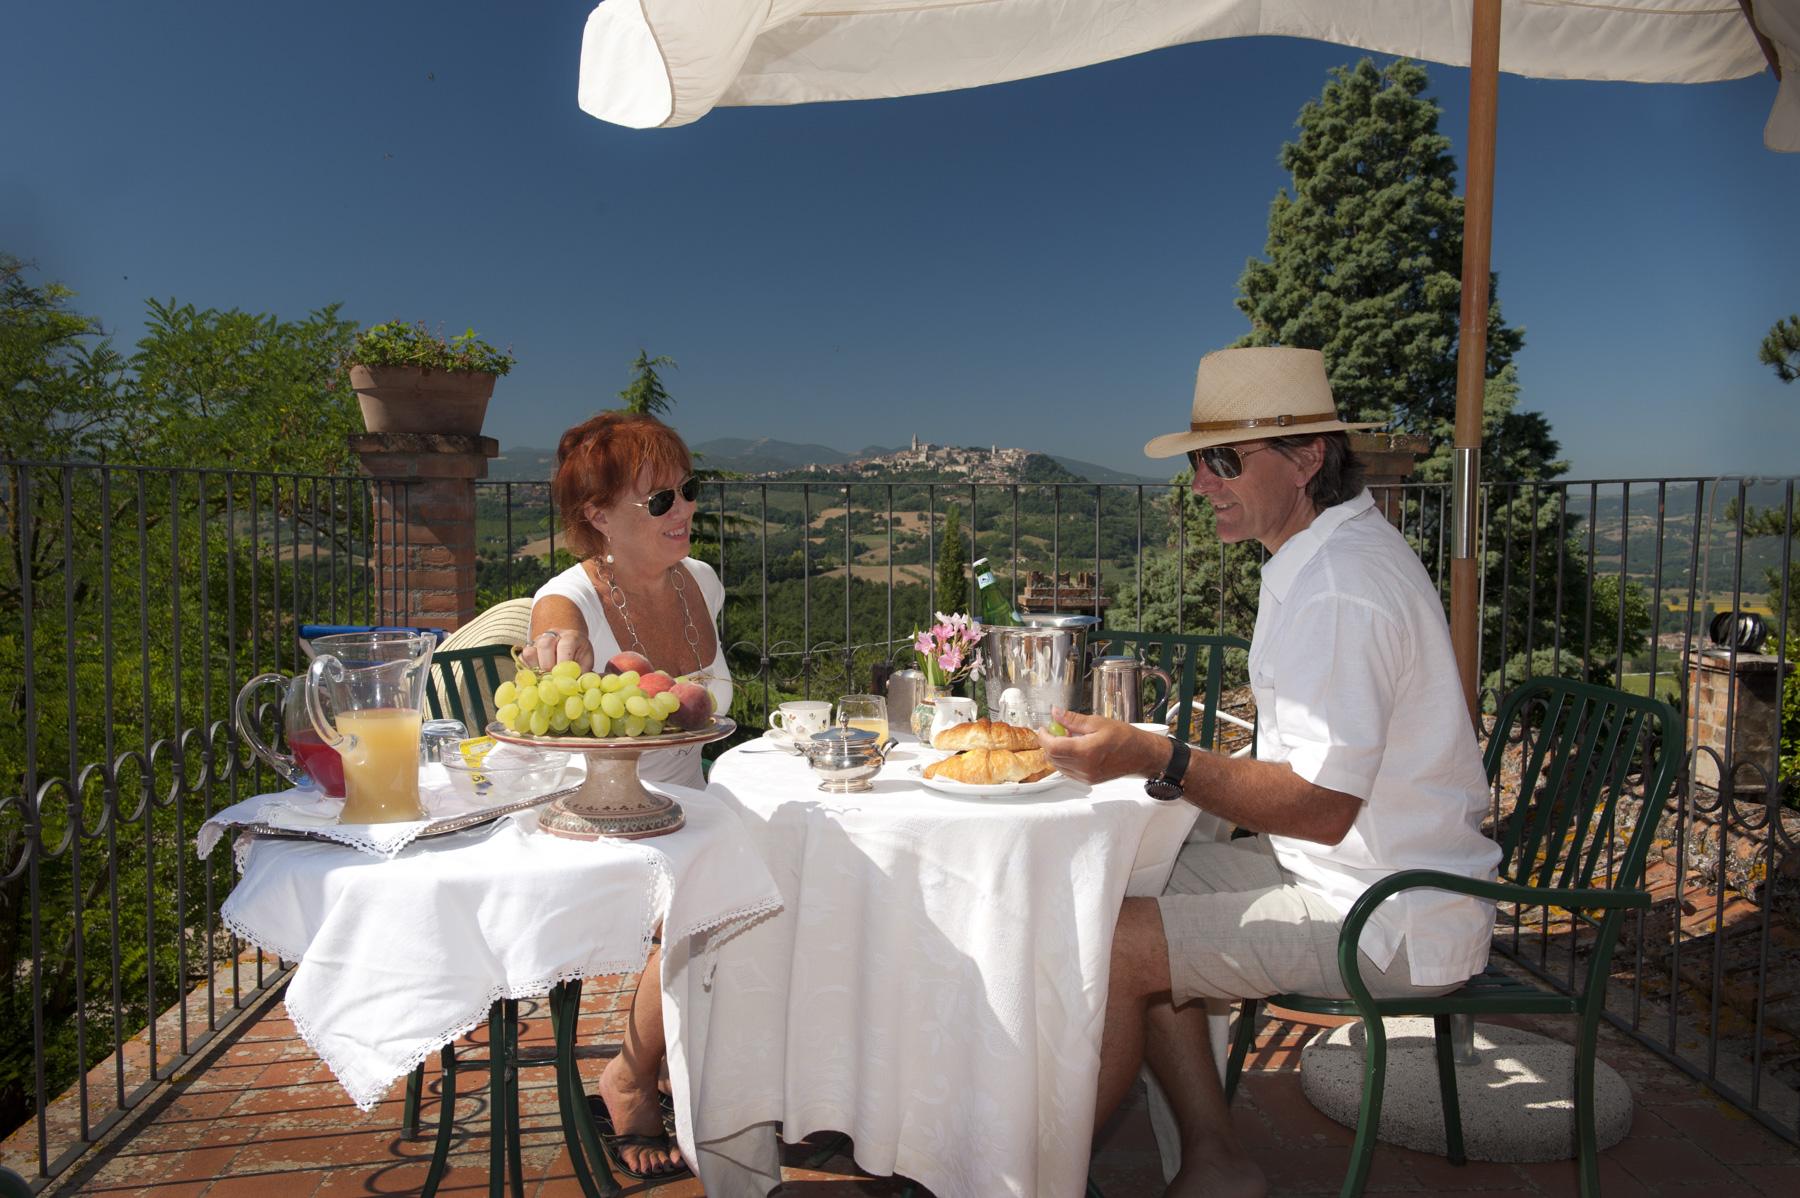 Italien_Umbrien_San Rocco_ frukost